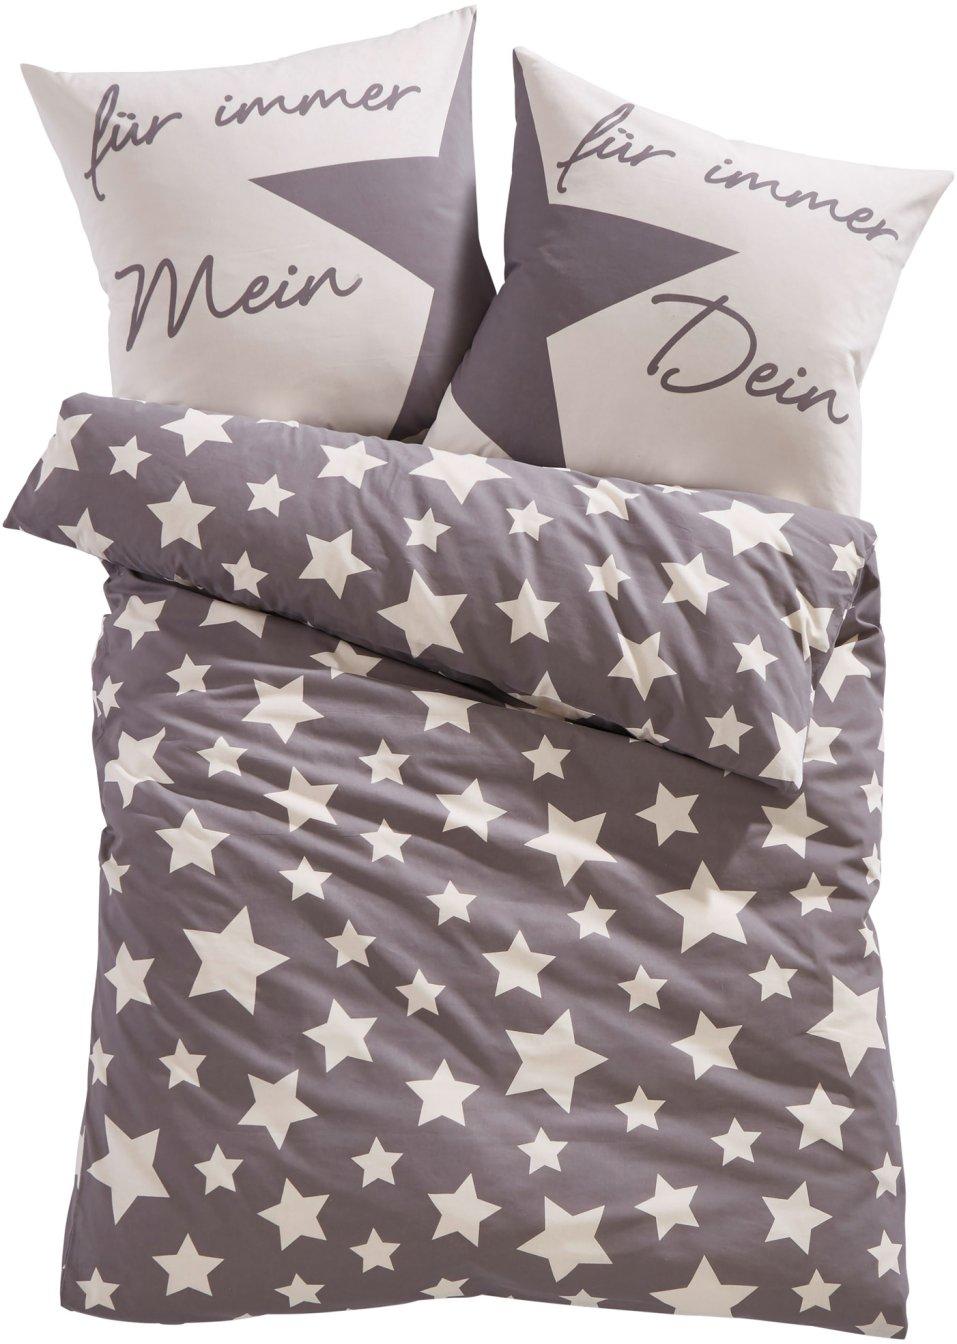 dekoriert den schlafbereich die bettw sche lena mit sternen grau linon. Black Bedroom Furniture Sets. Home Design Ideas